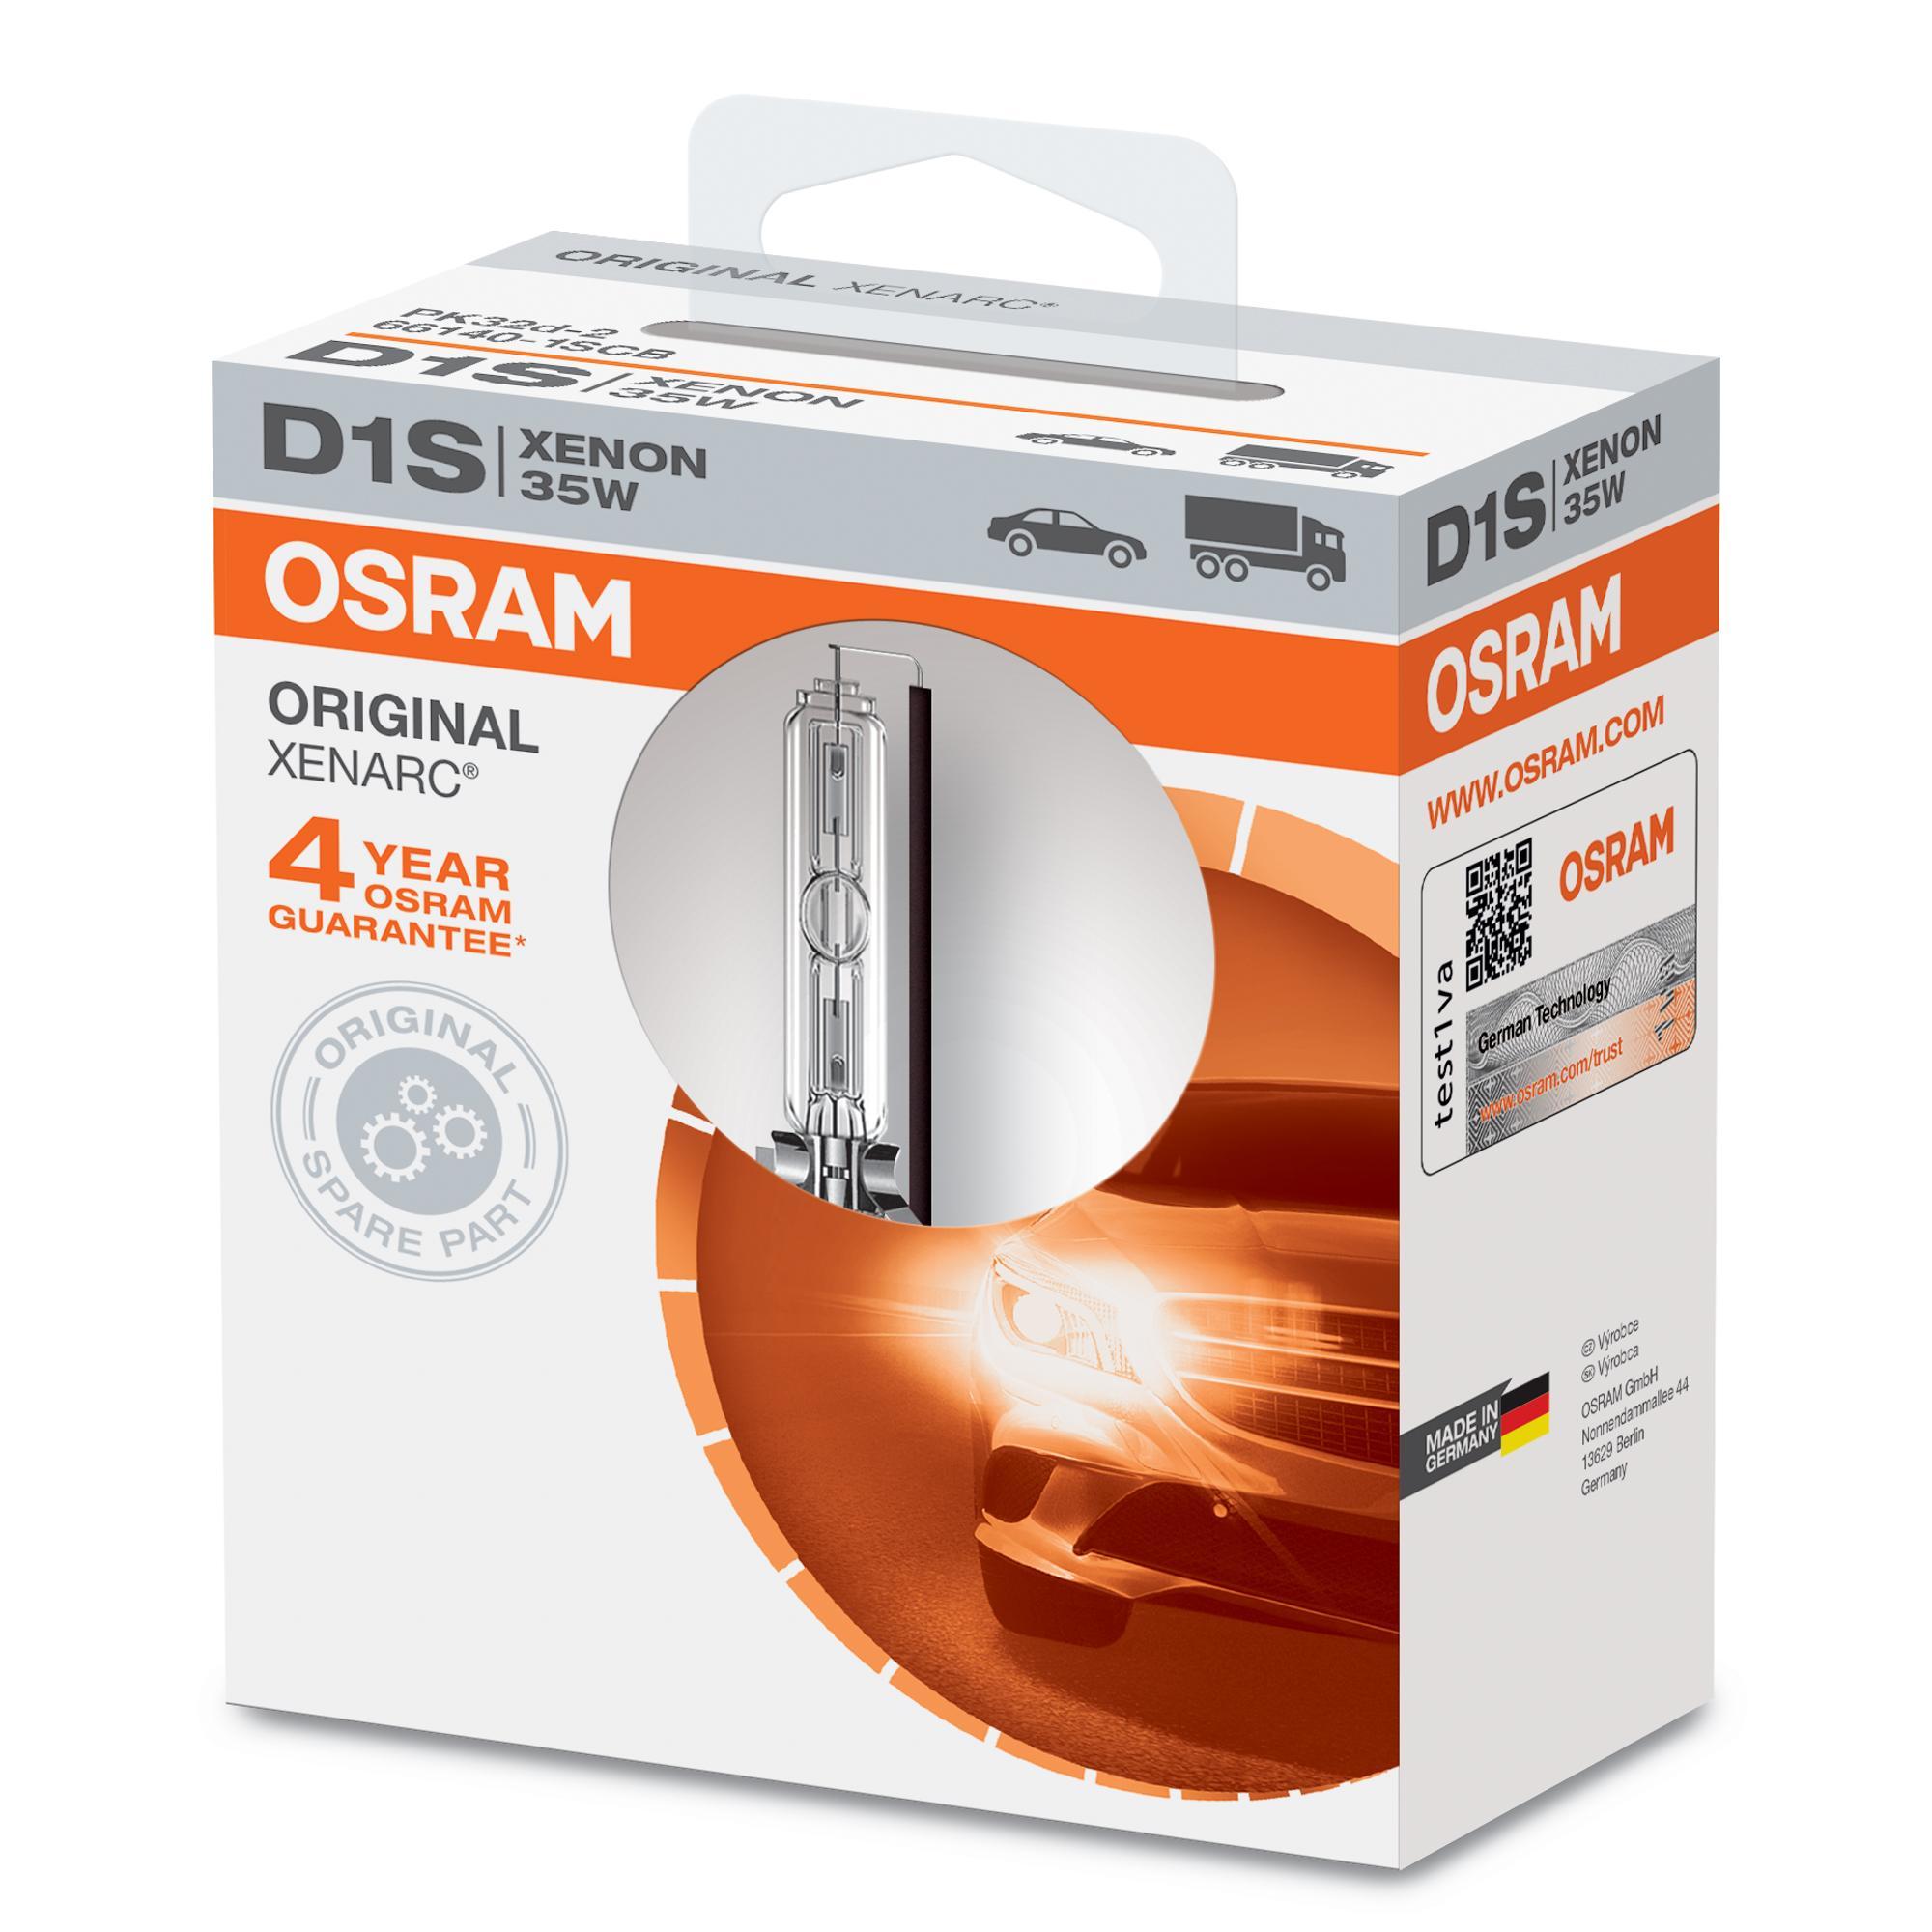 Kupi D1S OSRAM XENARC ORIGINAL 35W, D1S (Plinska flurosc. zarnica), 85V Zarnica, zaromet z dolgo lucjo 66140 poceni